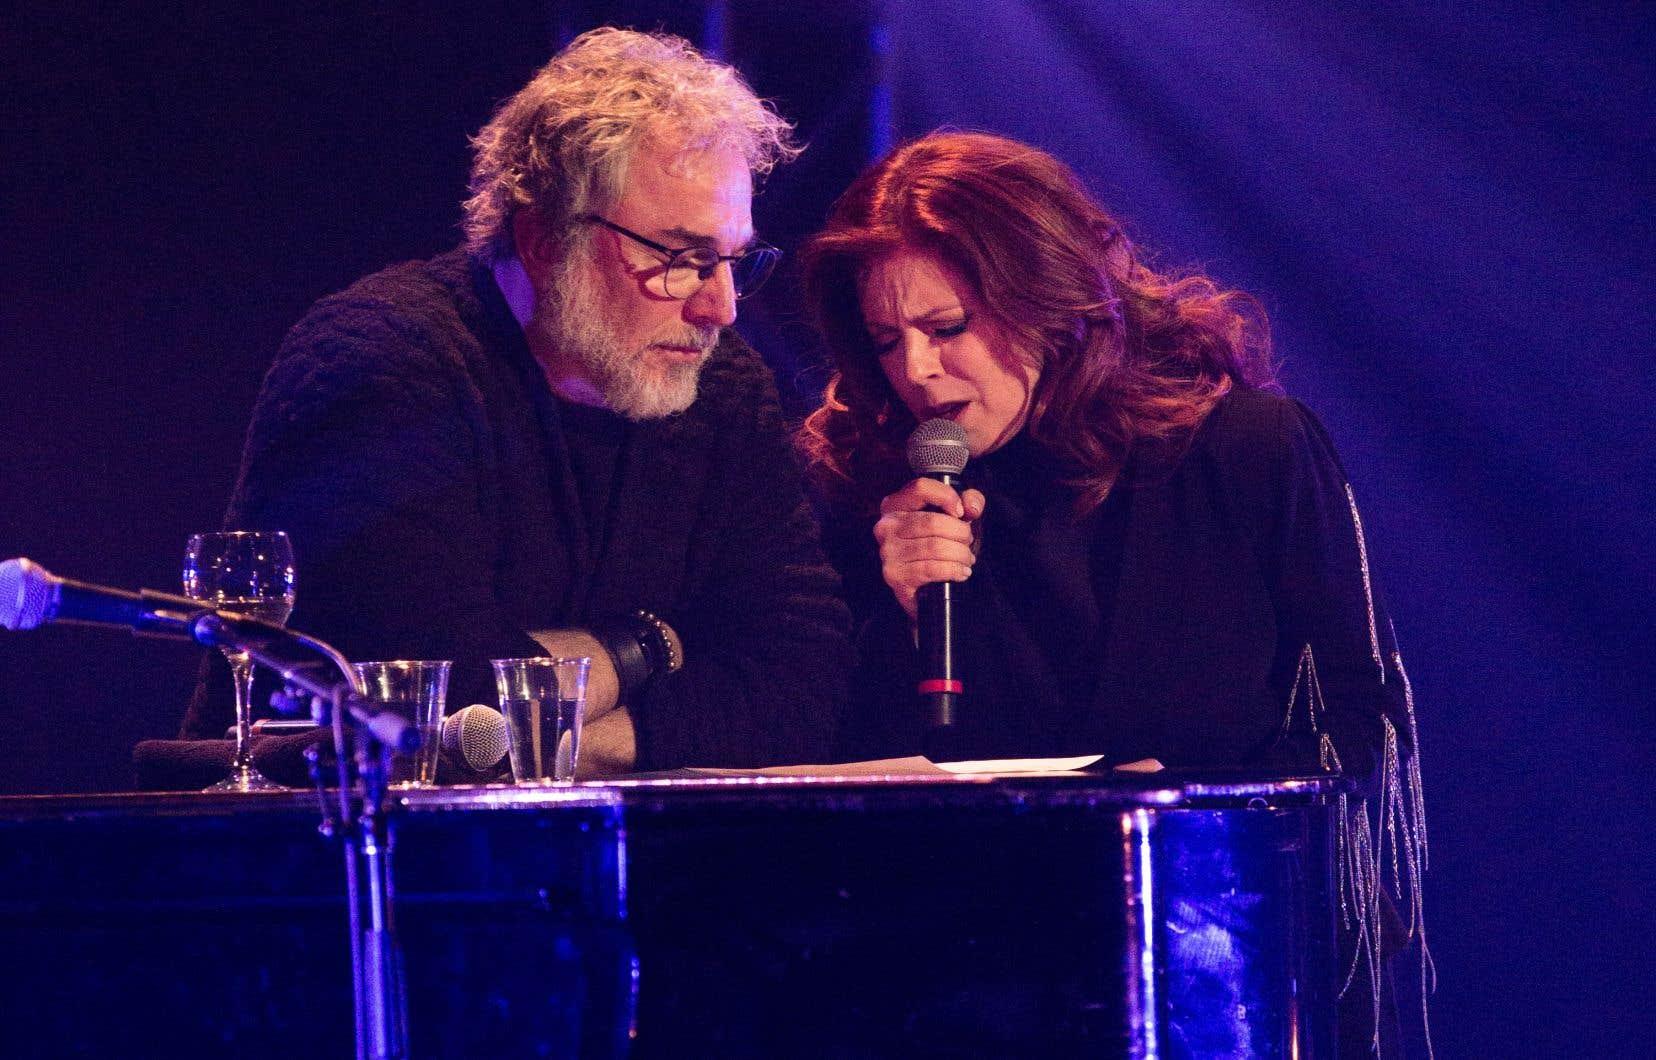 La soirée, que Christian Bégin (à gauche) a qualifiée de «Super Bowl du spleen, permet d'entendre certaines des chansons les plus tristes qui soient.